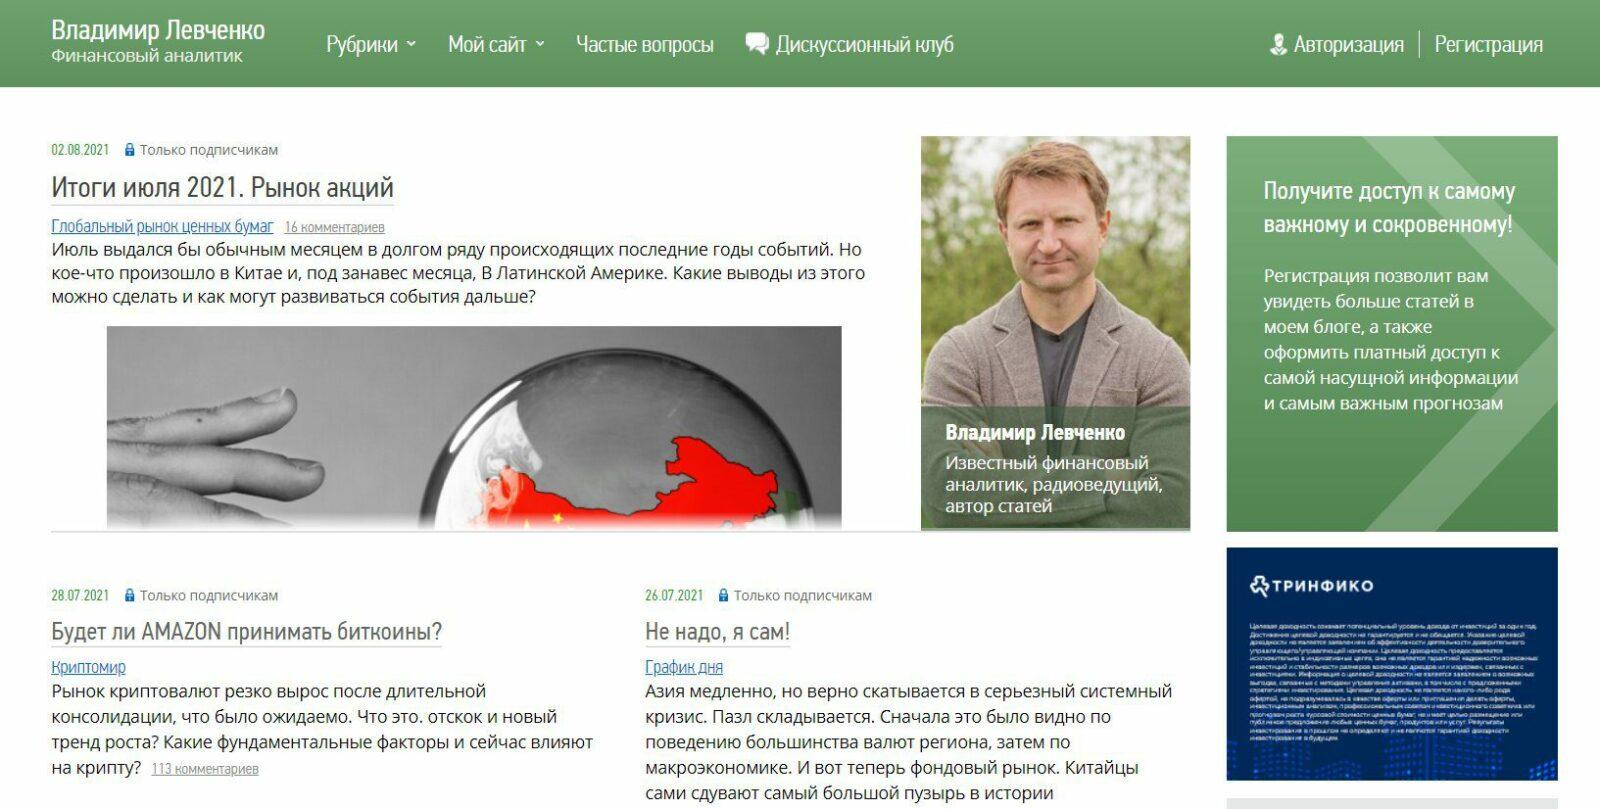 Сайт Владимира Левченко